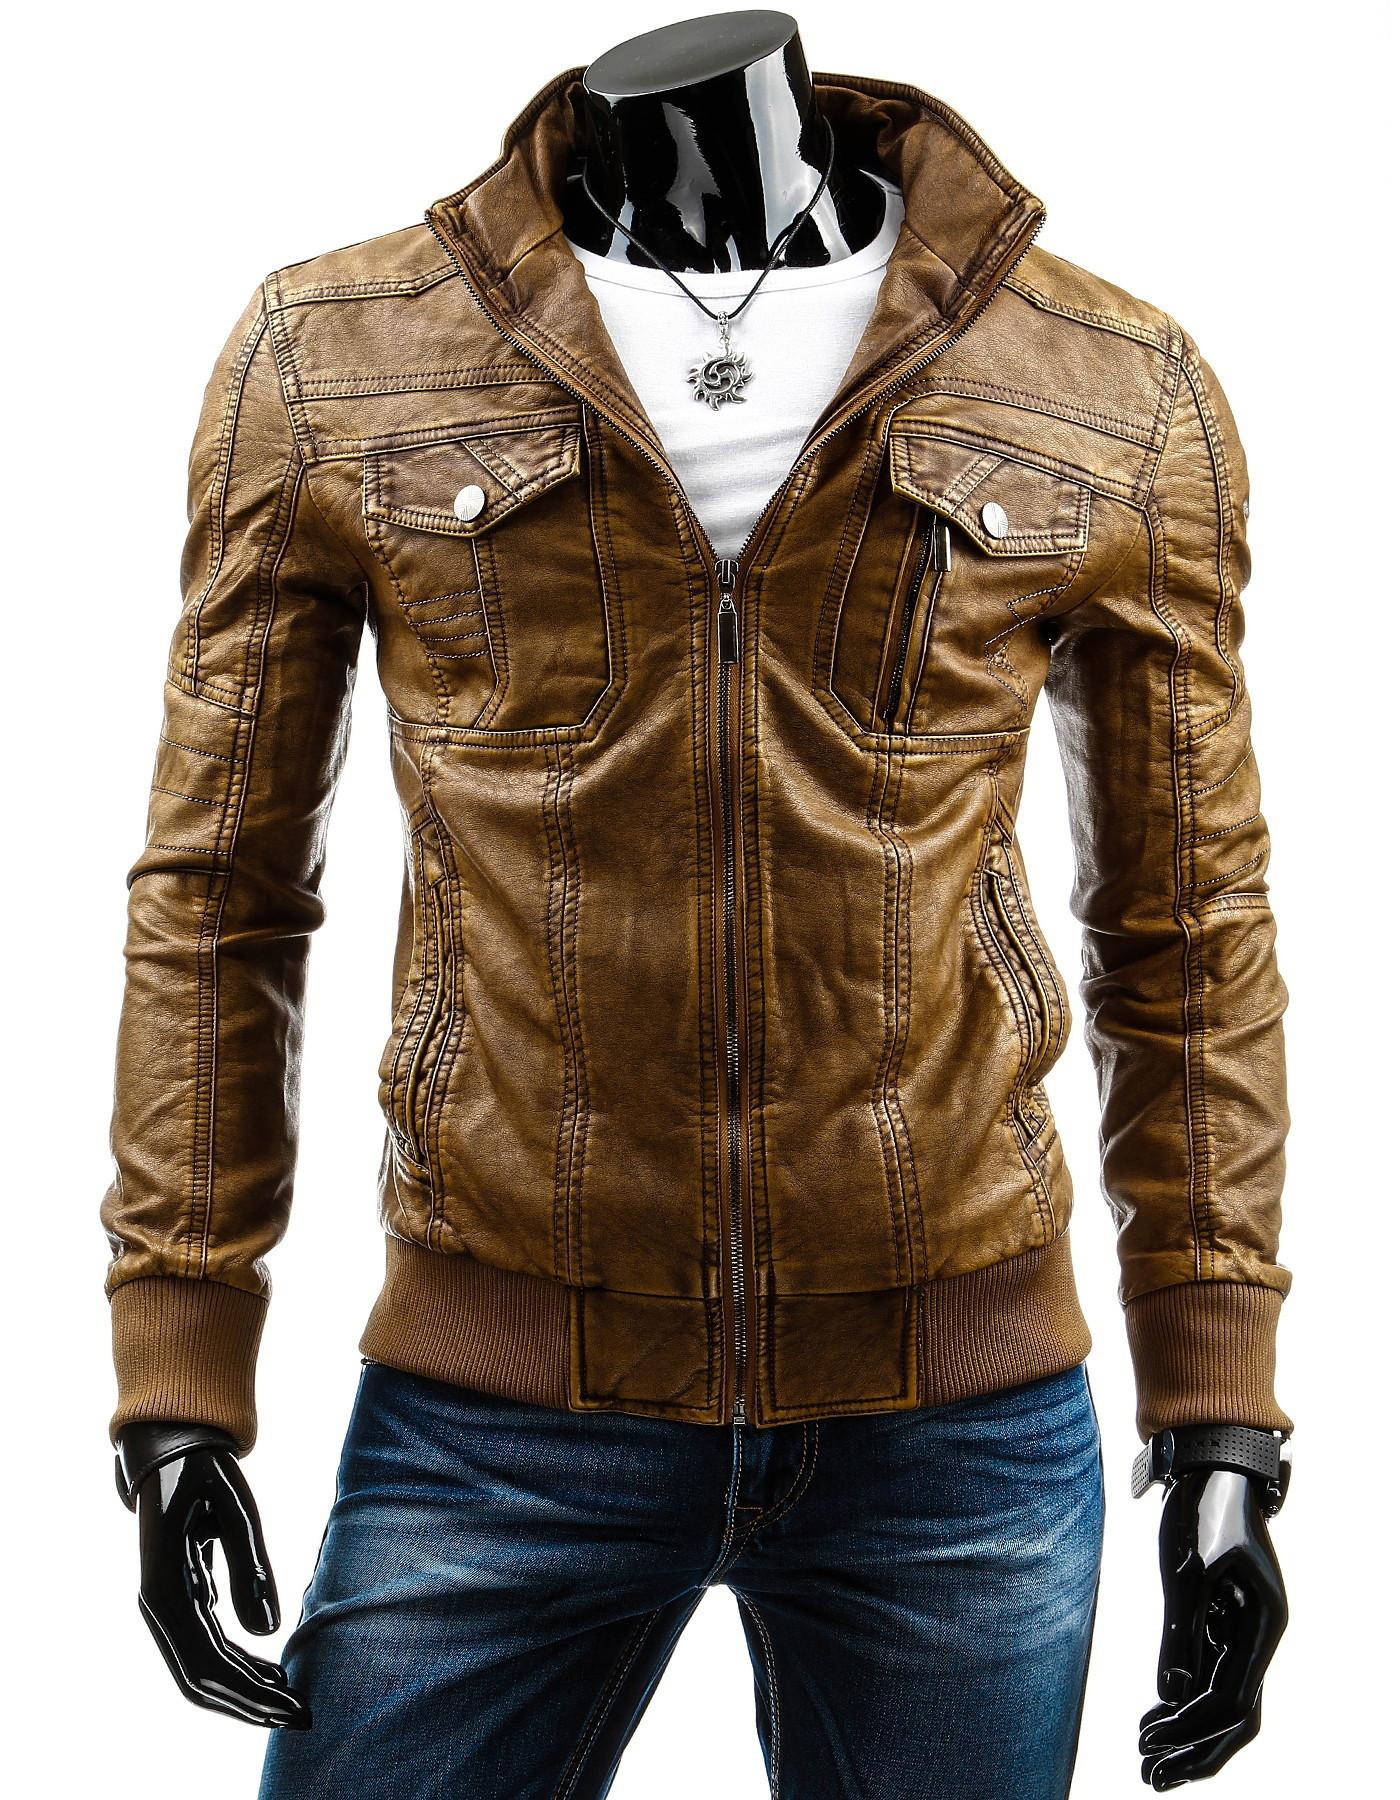 Pánská kožená bunda 12680 (tx1873) - HTRANG Barva: hnědá, Velikost: 3XL